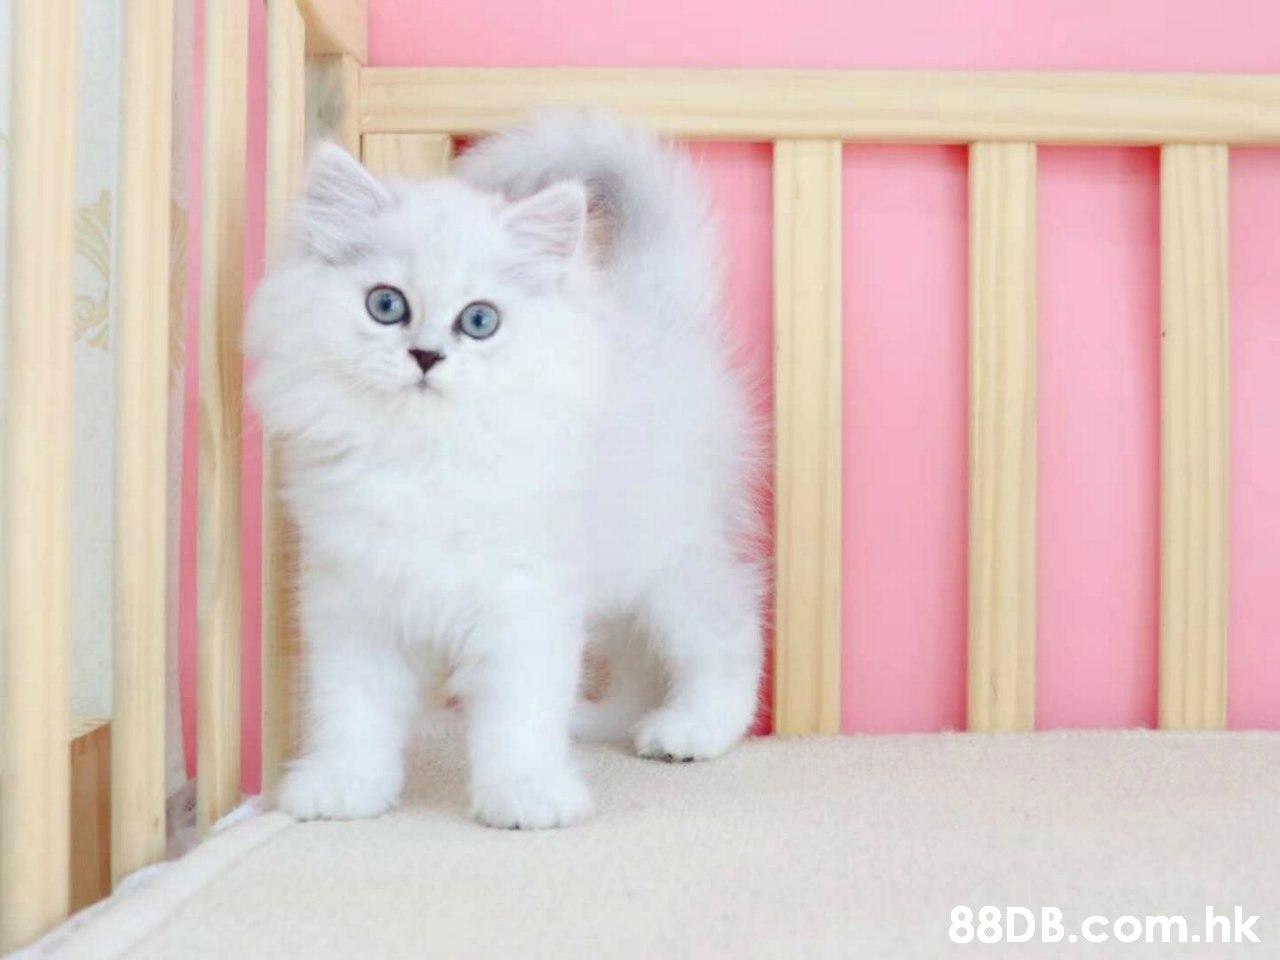 88D B.com.hk  Cat,Mammal,Small to medium-sized cats,Felidae,Kitten